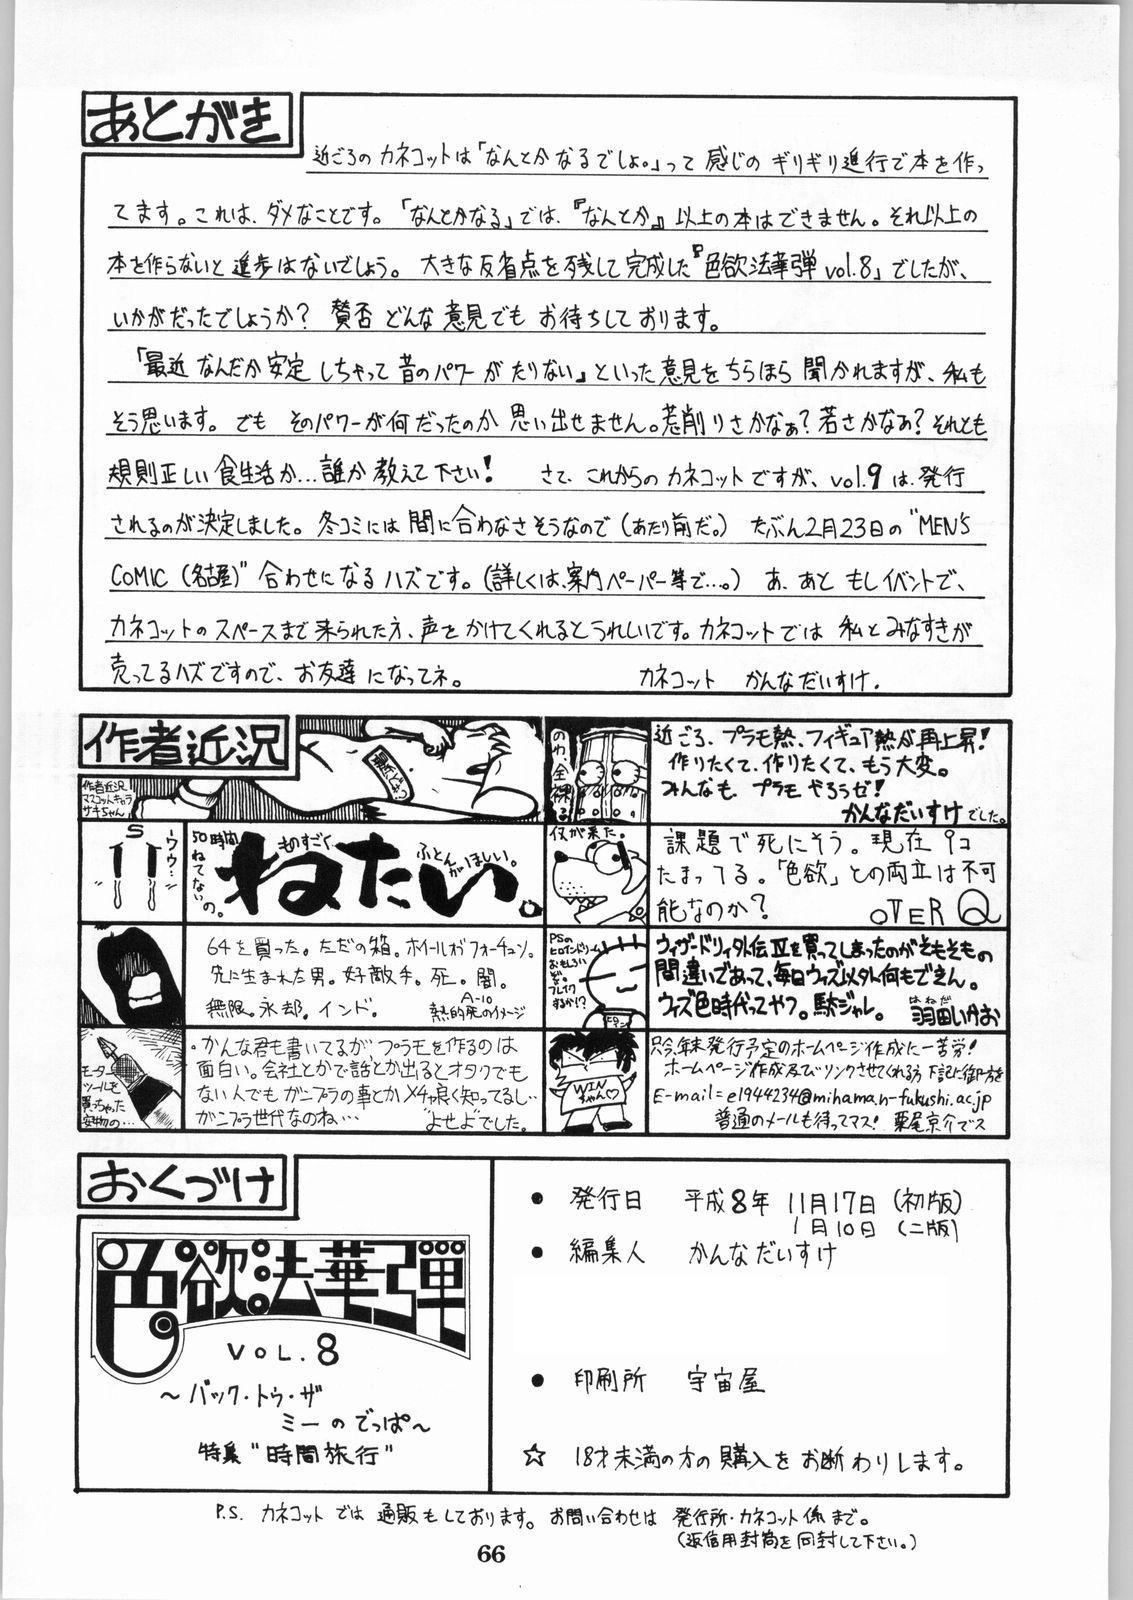 Shikiyoku Hokkedan 8 65